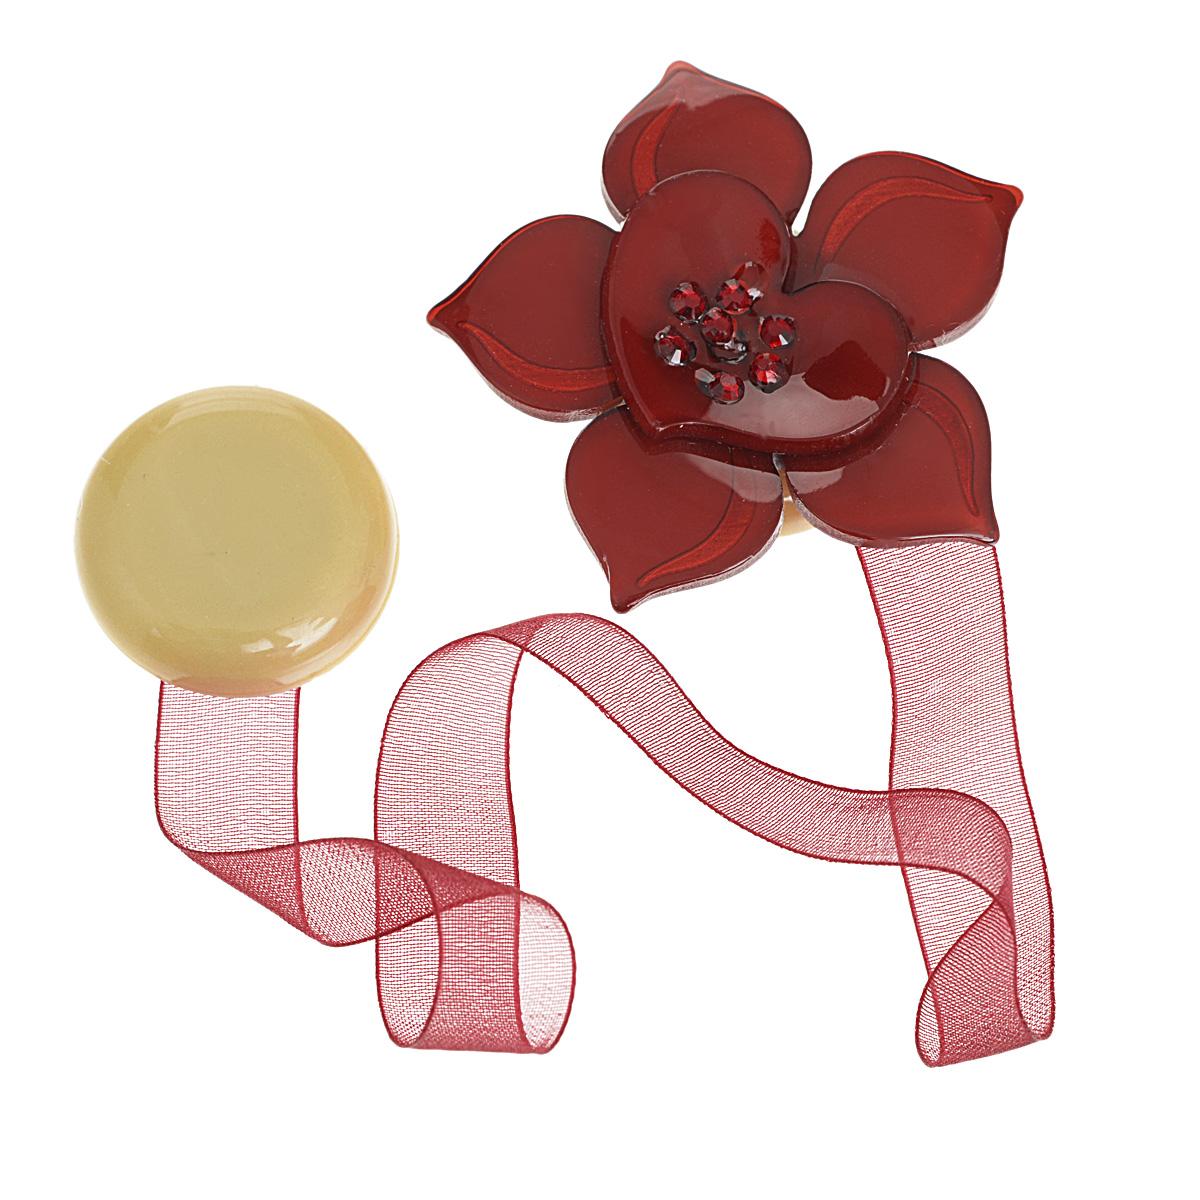 Клипса-магнит для штор Calamita Fiore, цвет: бордовый. 7704006_5777704006_577Клипса-магнит Calamita Fiore, изготовленная из пластика и текстиля, предназначена для придания формы шторам. Изделие представляет собой два магнита, расположенные на разных концах текстильной ленты. Один из магнитов оформлен декоративным цветком и украшен стразами. С помощью такой магнитной клипсы можно зафиксировать портьеры, придать им требуемое положение, сделать складки симметричными или приблизить портьеры, скрепить их. Клипсы для штор являются универсальным изделием, которое превосходно подойдет как для штор в детской комнате, так и для штор в гостиной. Следует отметить, что клипсы для штор выполняют не только практическую функцию, но также являются одной из основных деталей декора этого изделия, которая придает шторам восхитительный, стильный внешний вид. Материал: пластик, полиэстер, магнит.Диаметр декоративного цветка: 5 см.Диаметр магнита: 2,5 см.Длина ленты: 28 см.